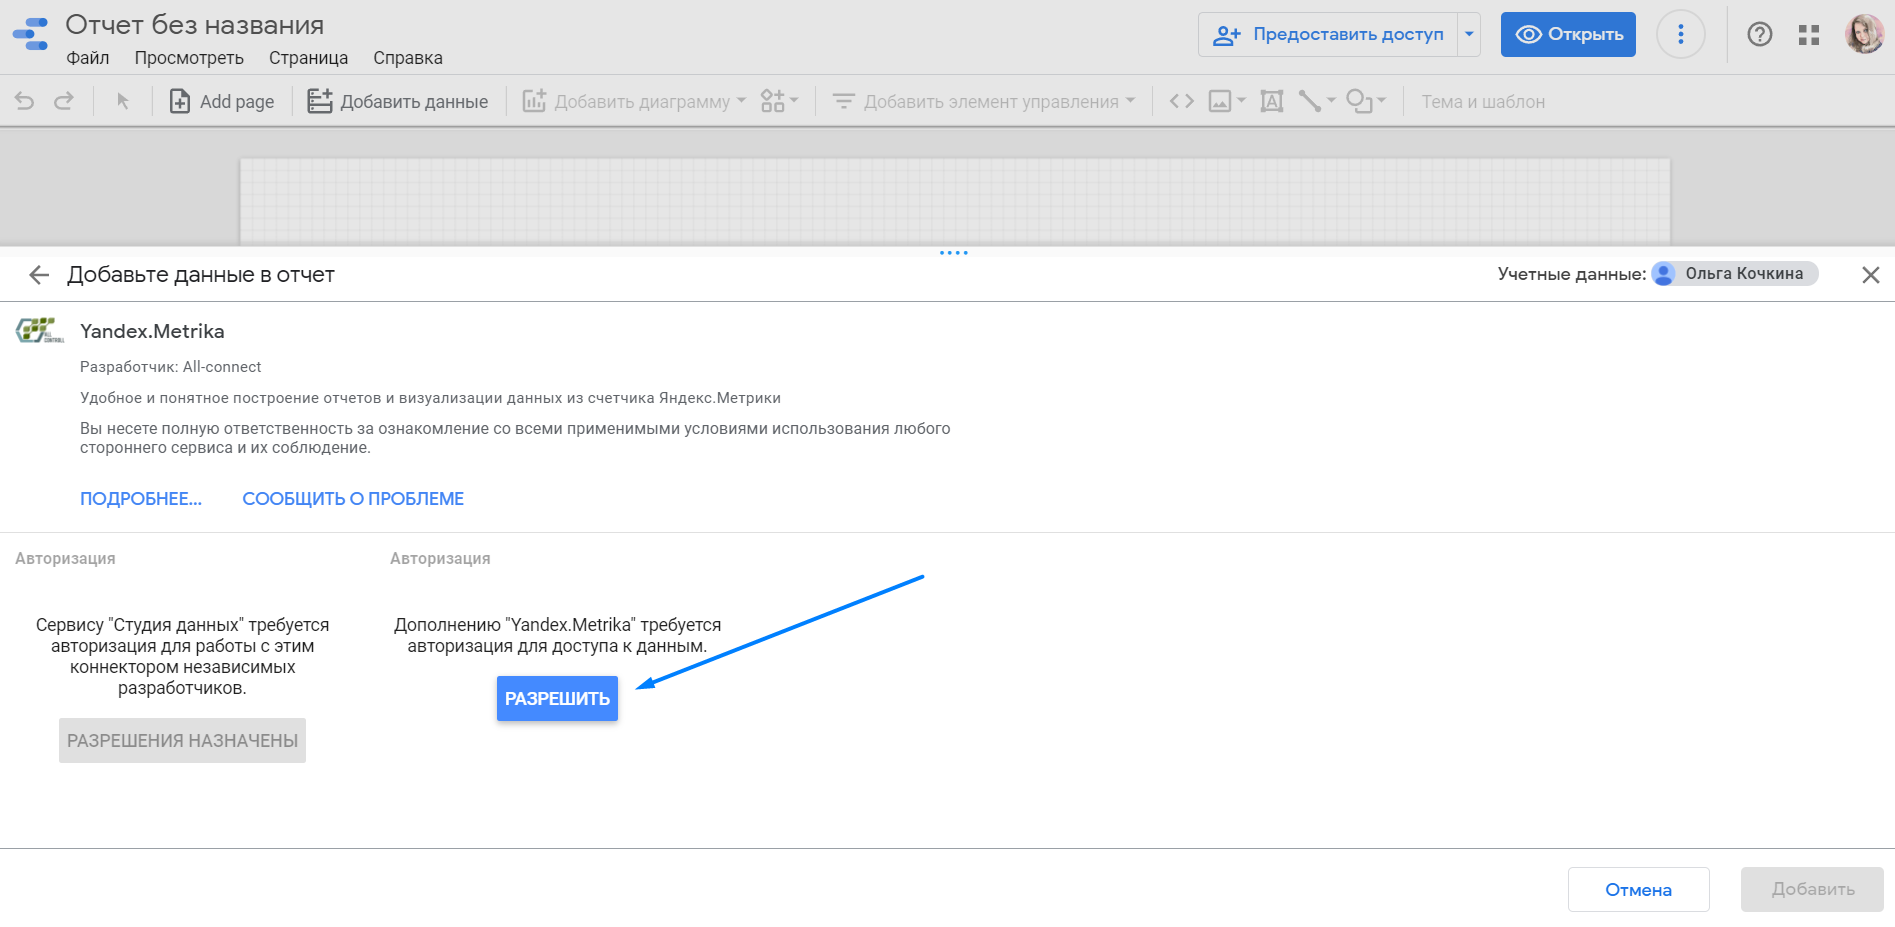 Снова кликаем «Разрешить» и логинимся – на этот раз с аккаунтом Яндекса, у которого есть доступ к нужному счетчику Метрики